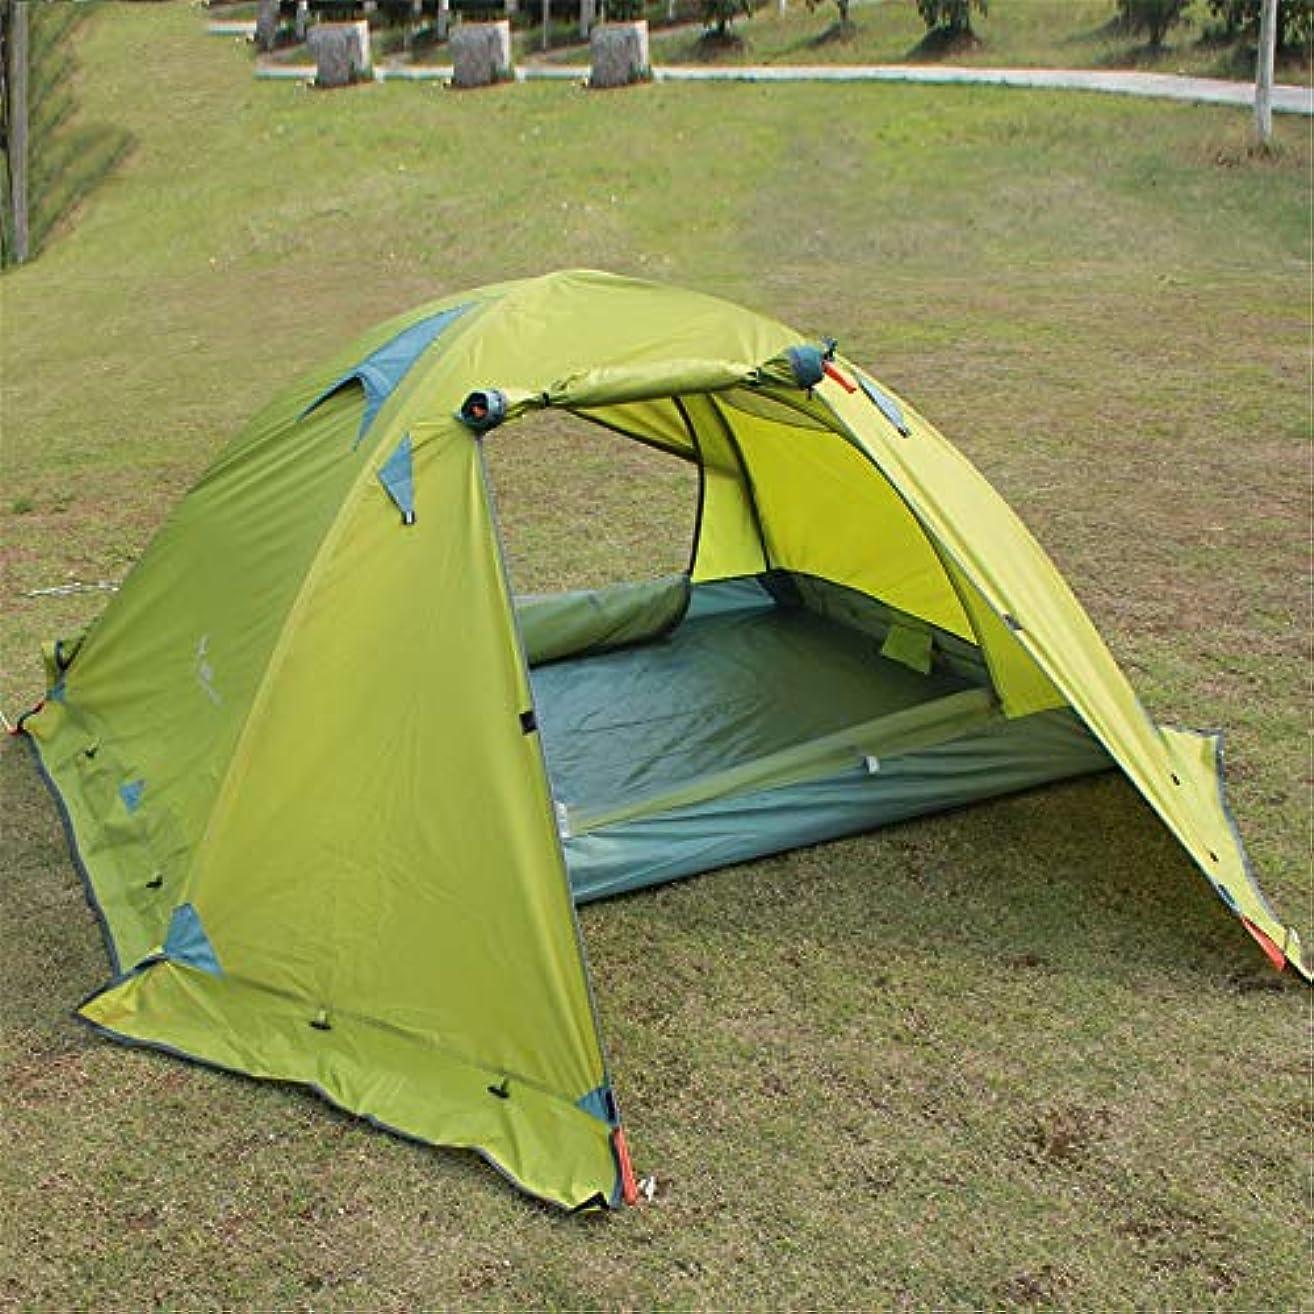 シーン散らすヒントビーチテントポップアップ 屋外テントキャンプテントダブルダブルアルミポール雨と雪の日焼け止め ビーチ、庭、キャンプ、ピクニック (色 : 緑, サイズ : 250CM*210CM*115CM)